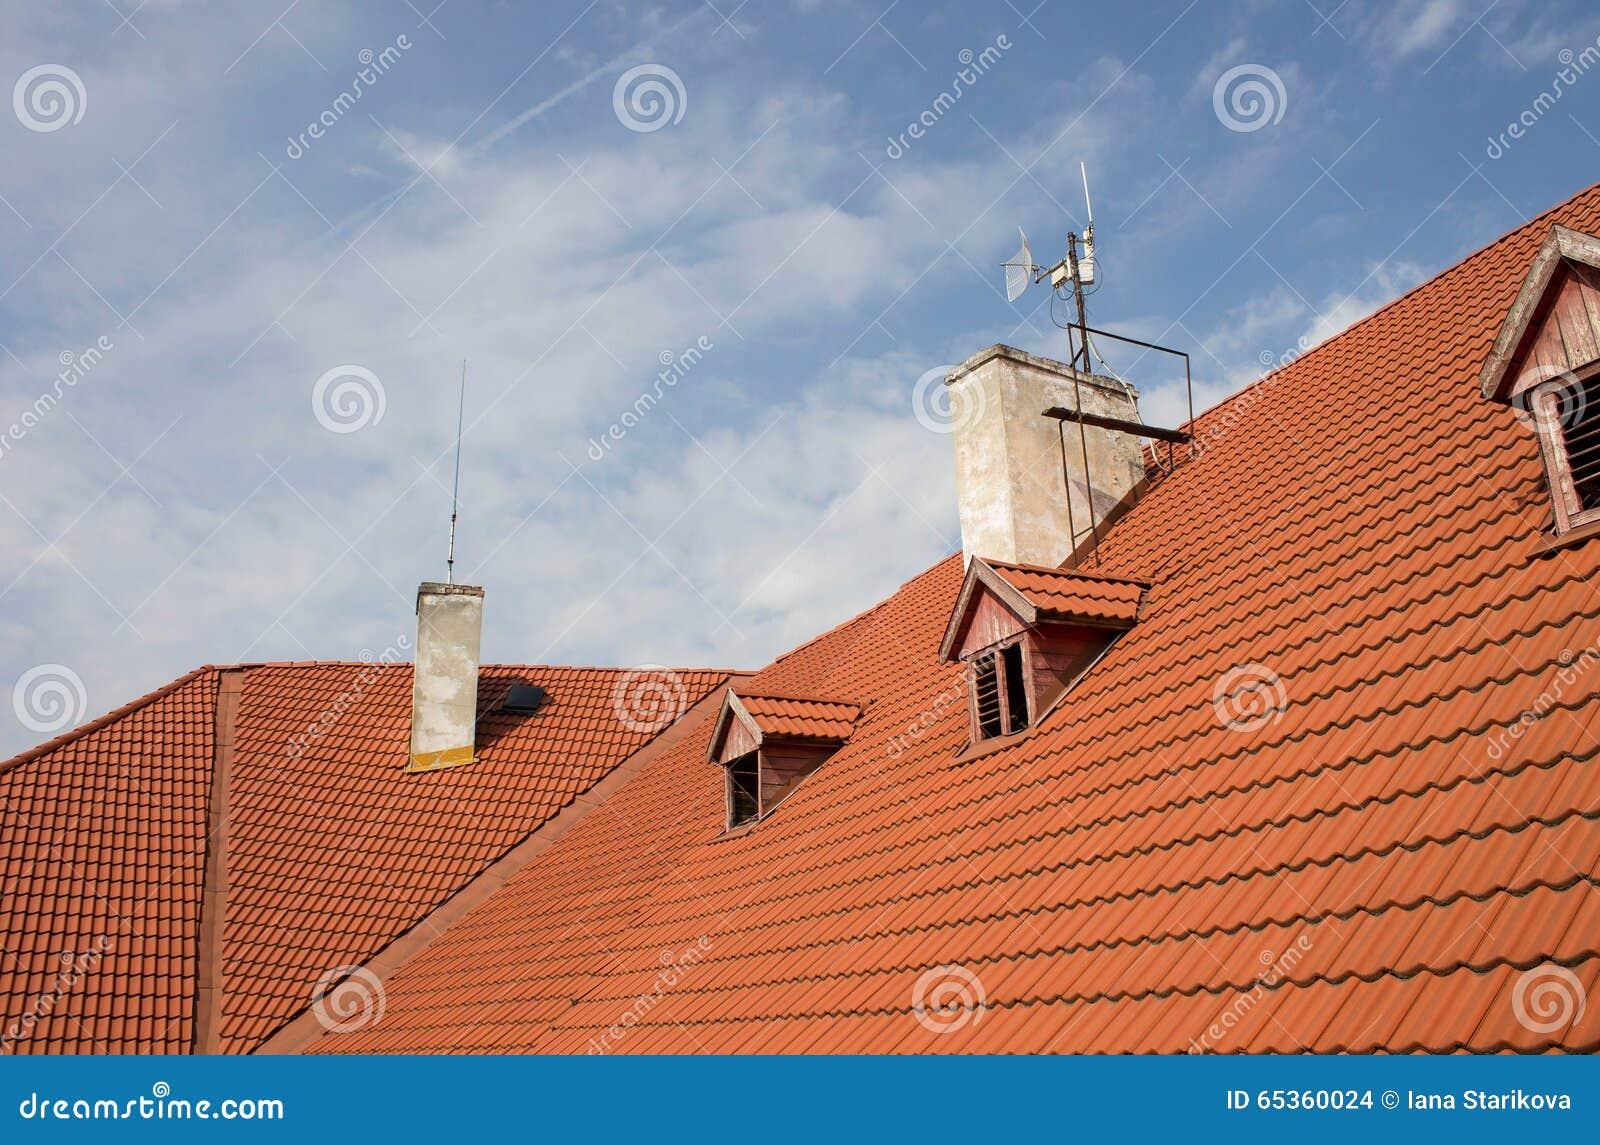 Ontwerp van het dak met een schoorsteen stock foto afbeelding